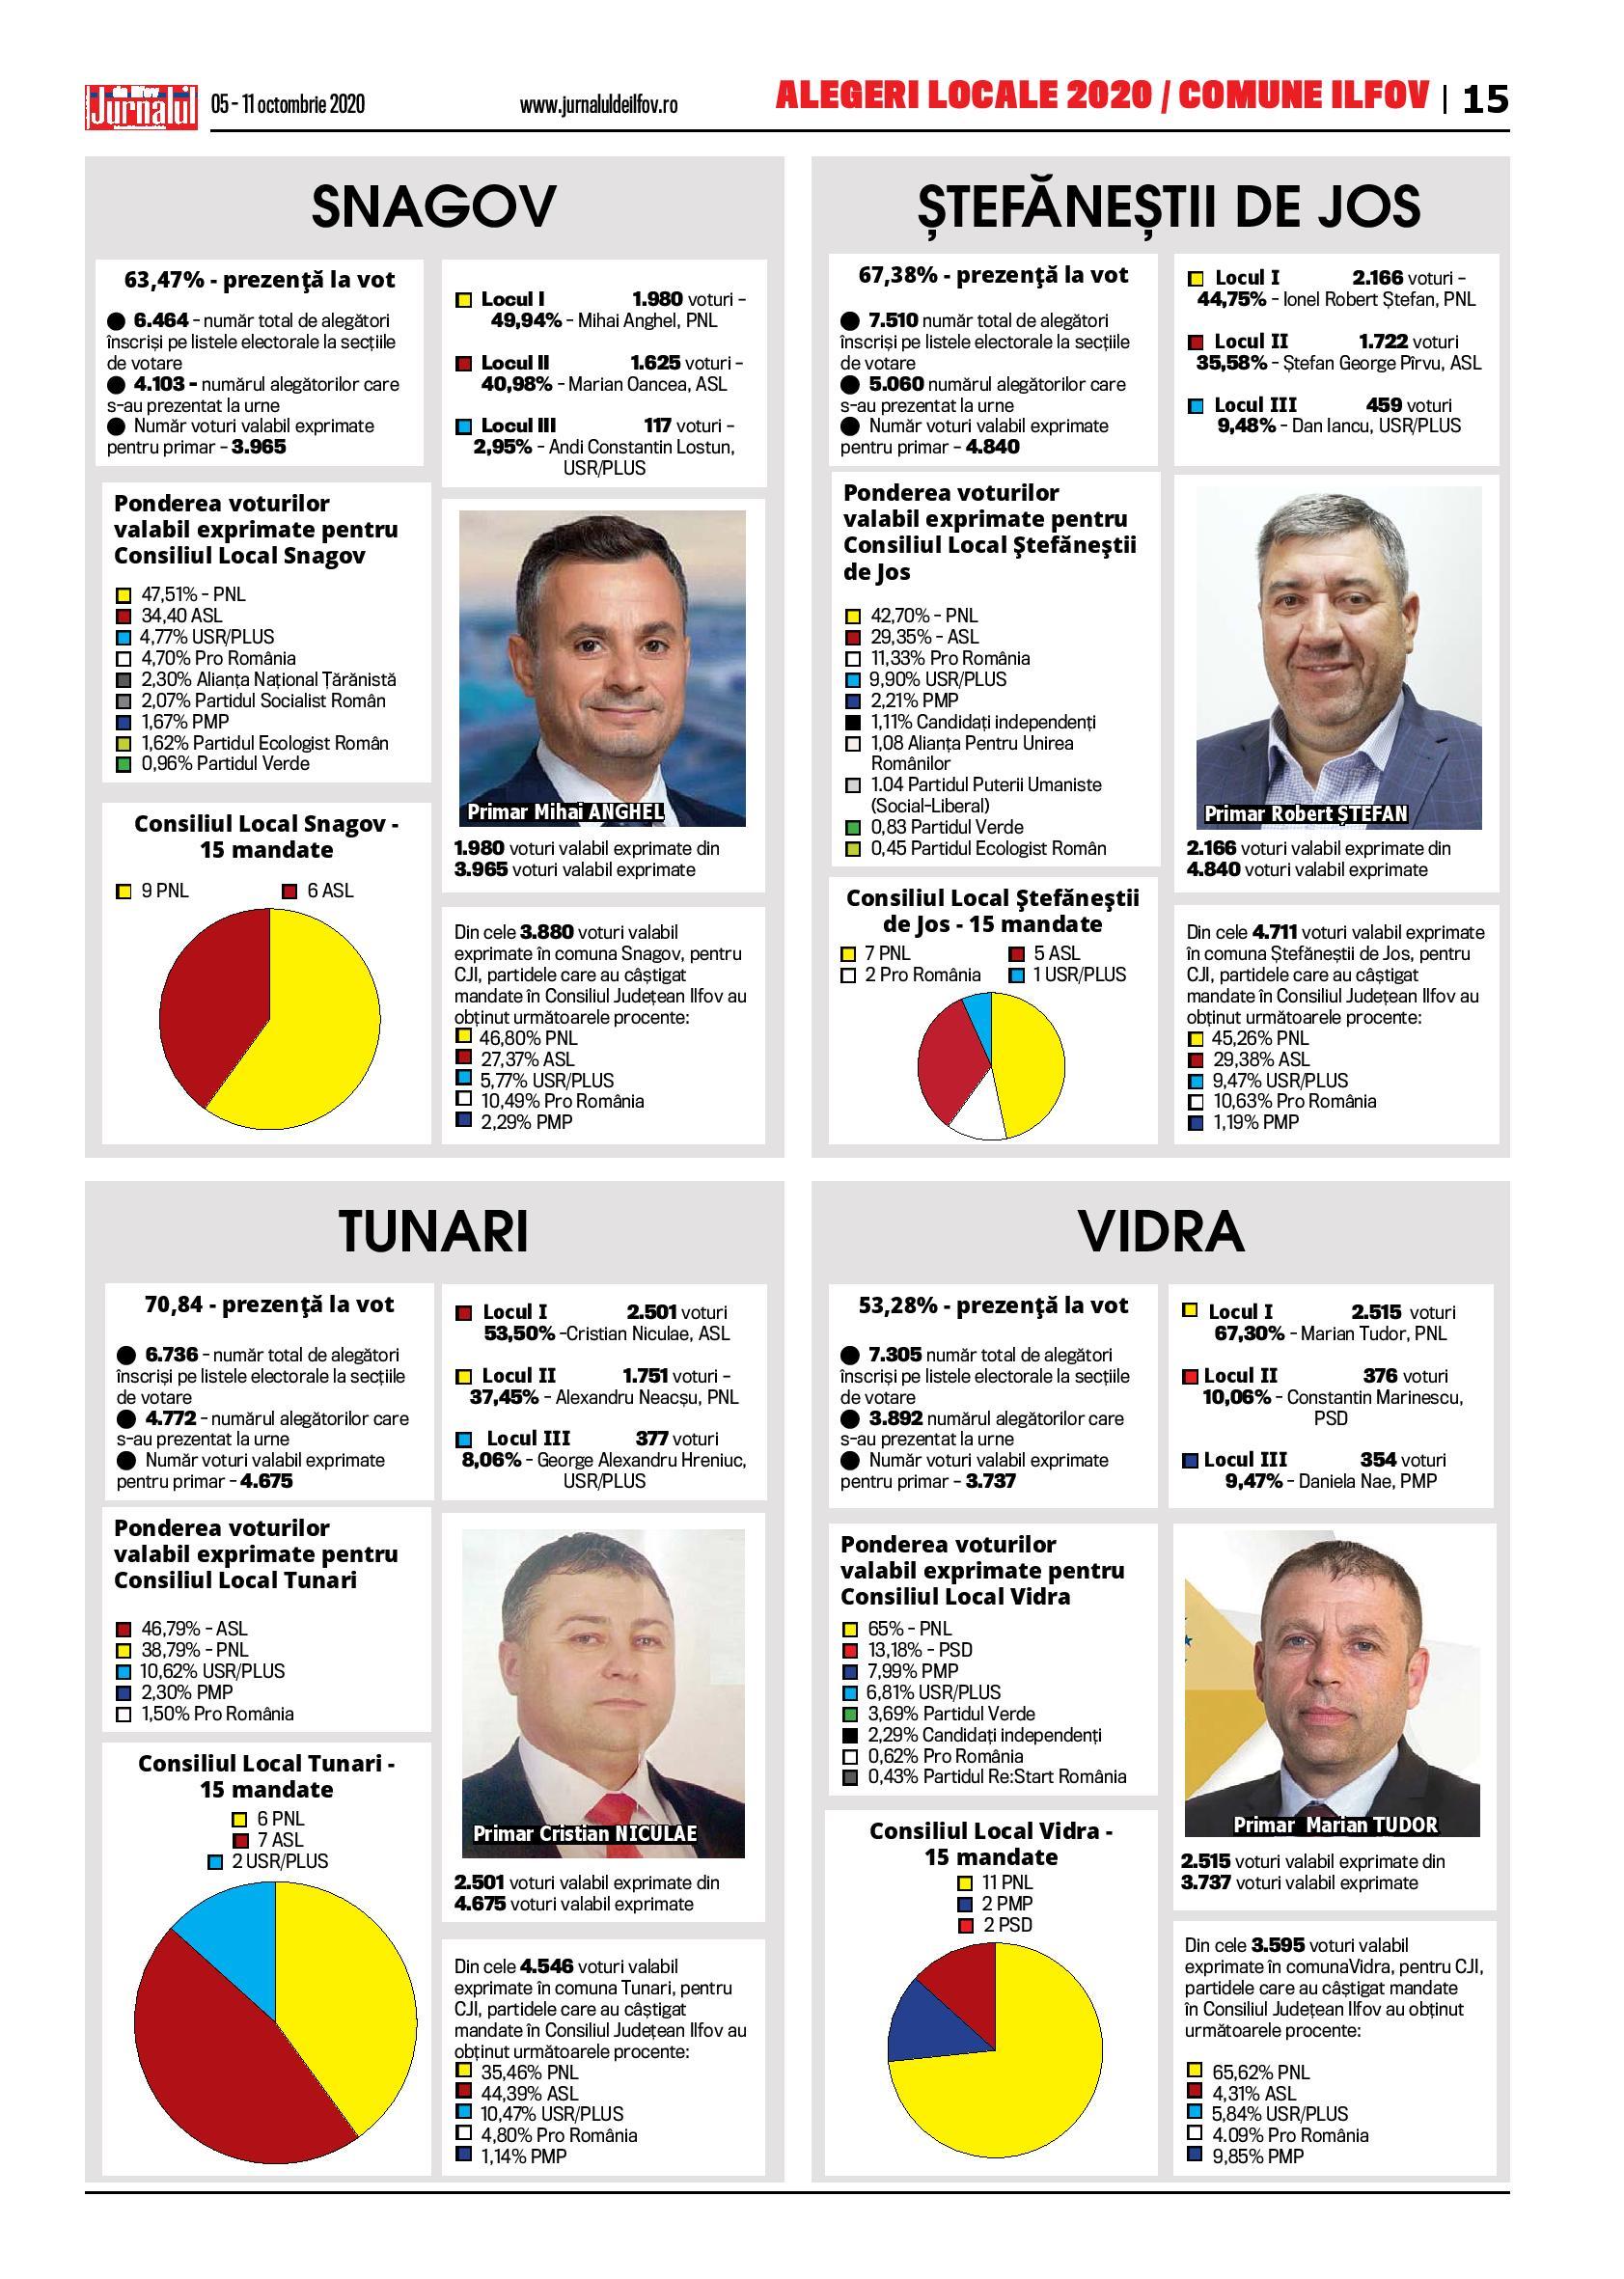 Alegeri Locale 2020/Comune Ilfov – 8 – Jurnalul de Ilfov